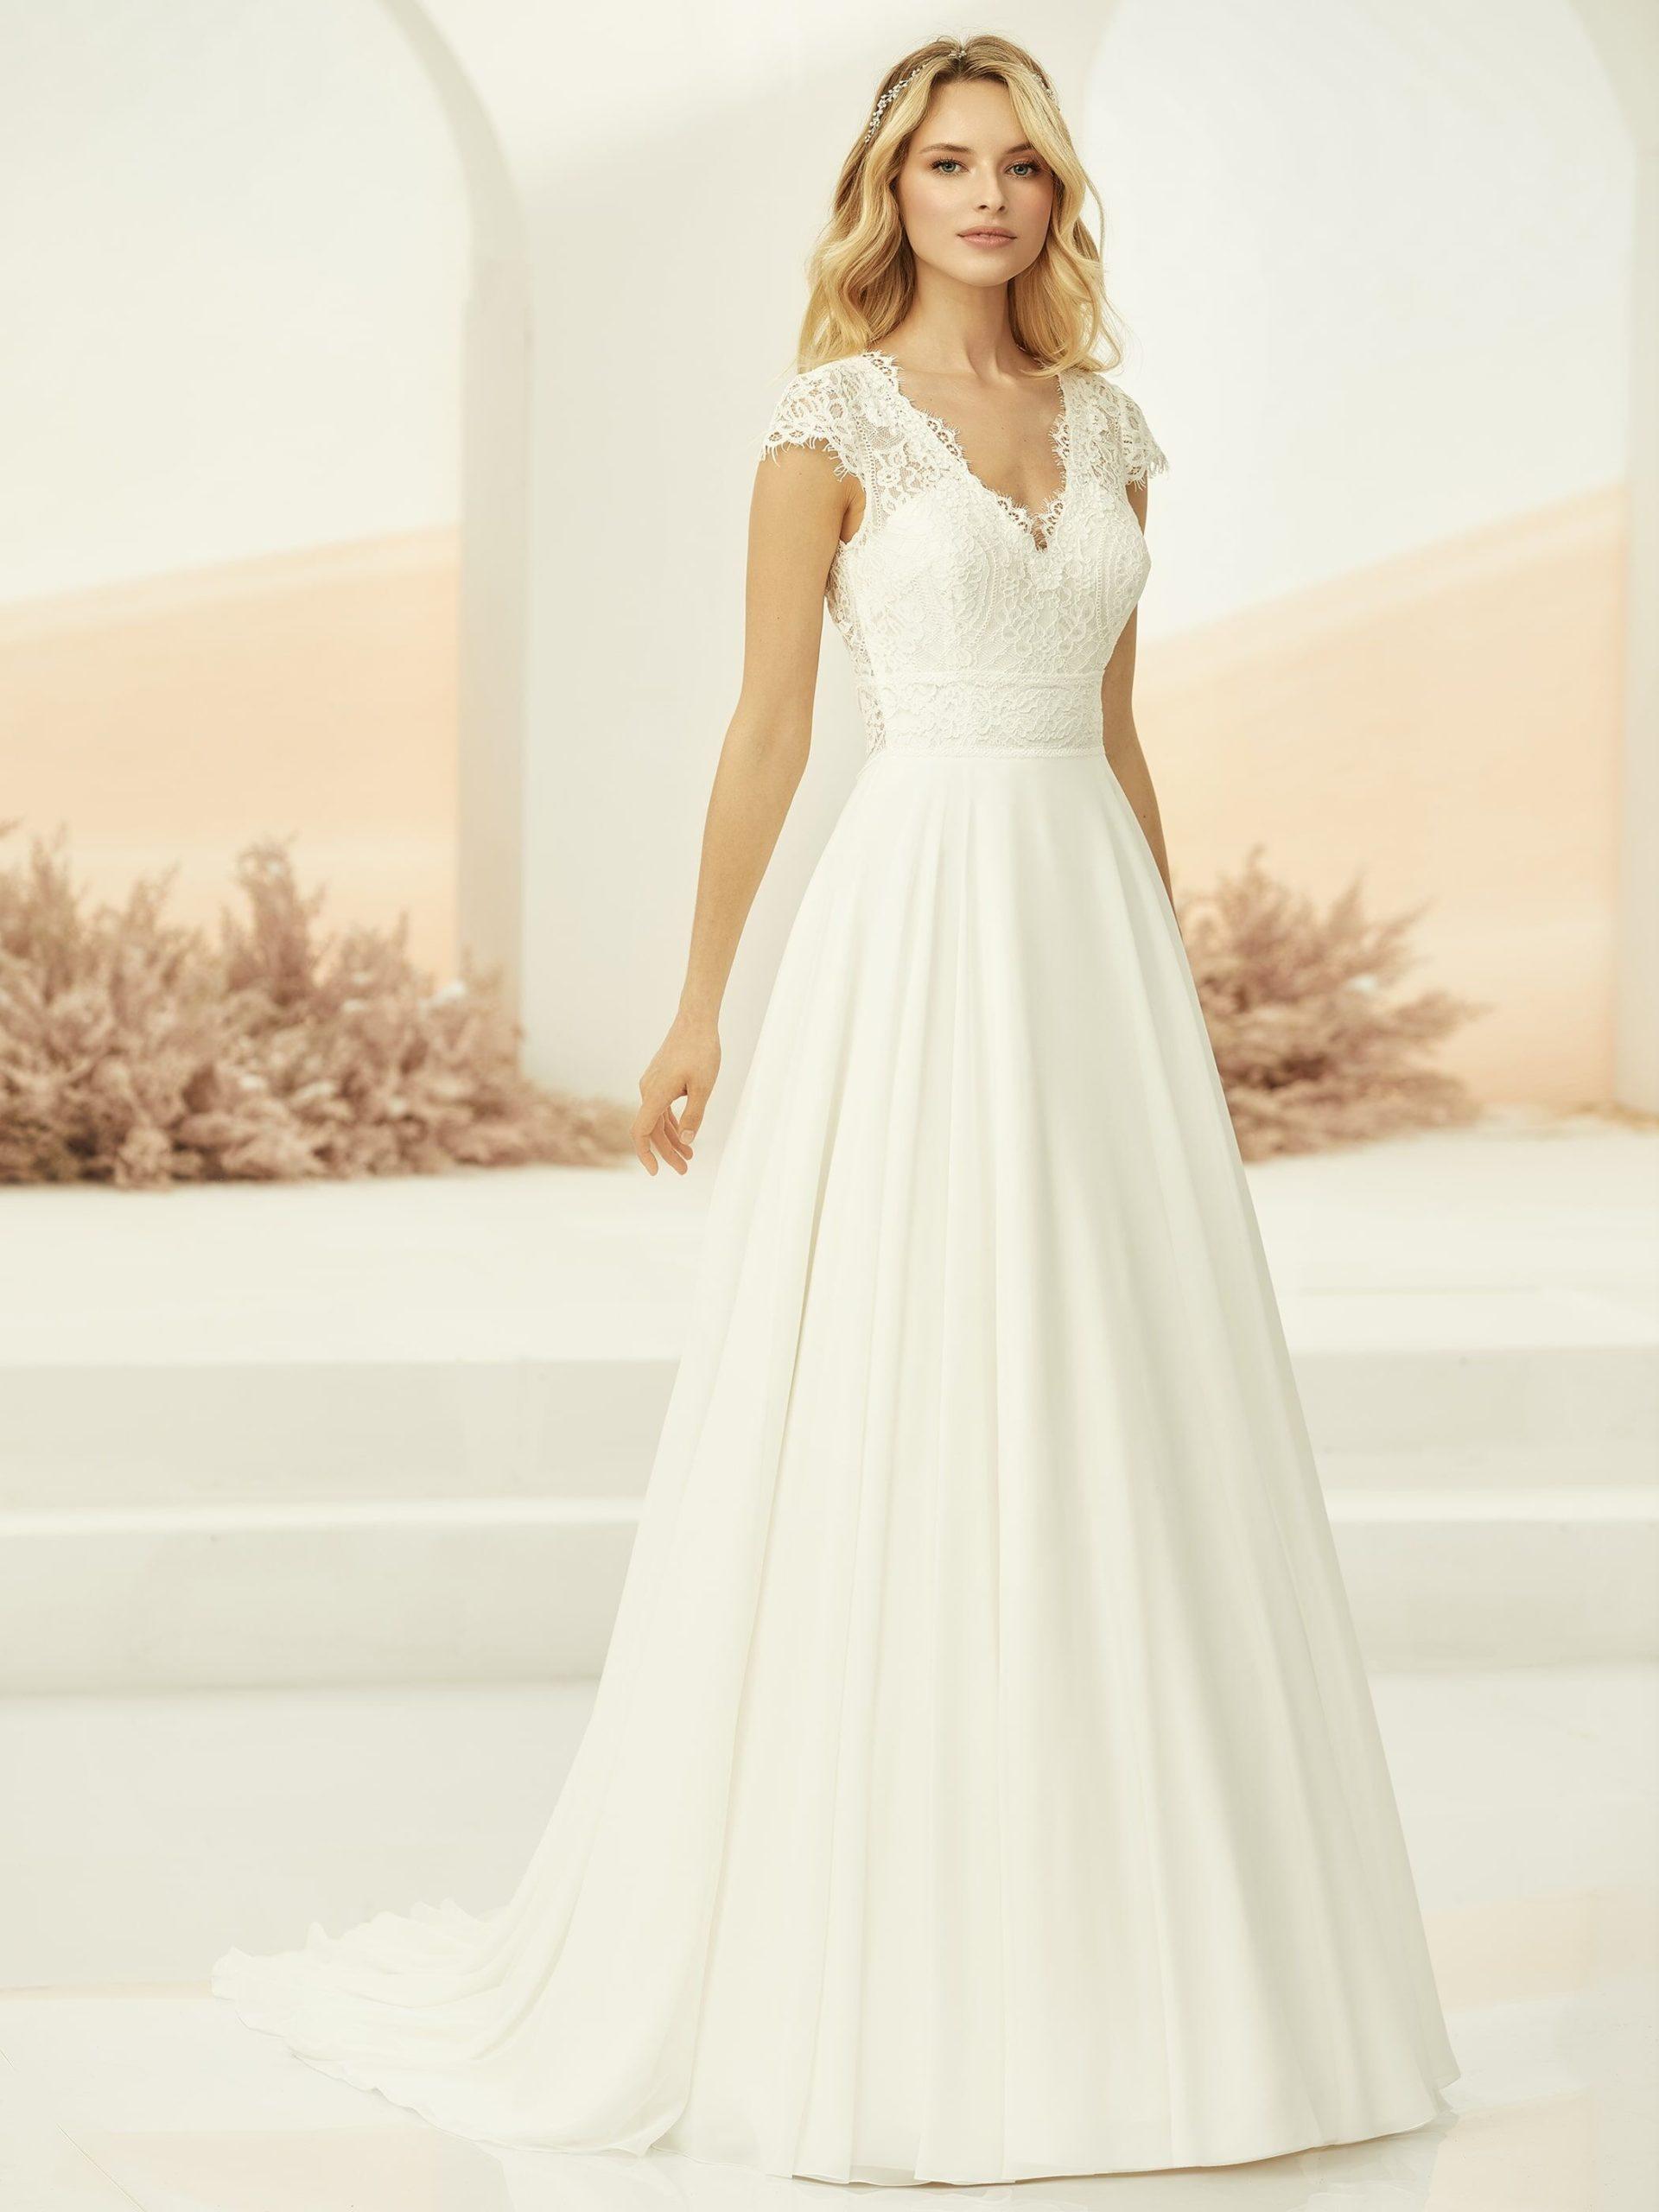 Robe de mariée bohème bianco evento